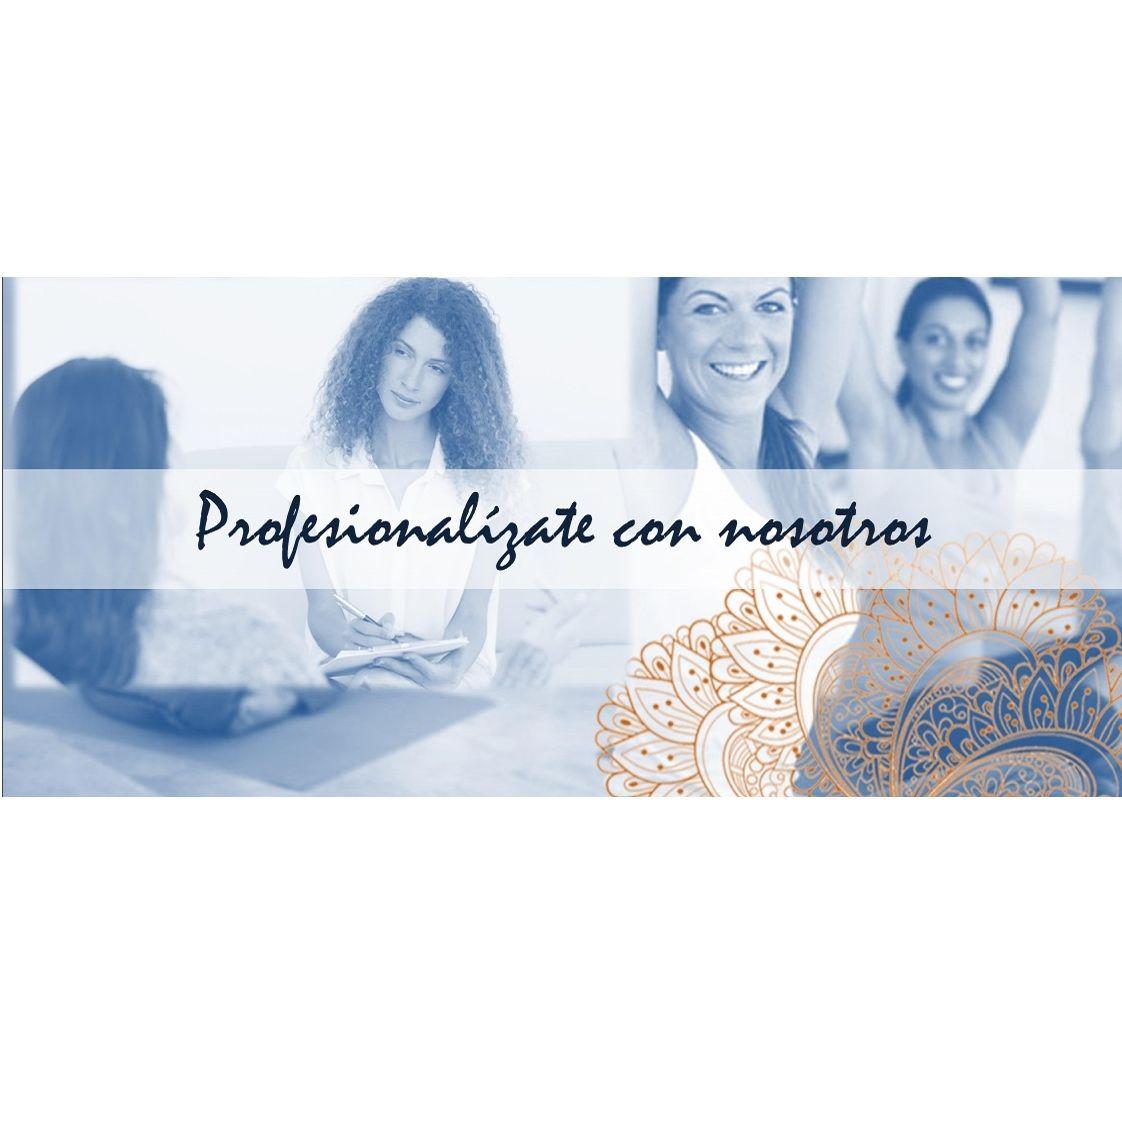 Profesionalízate con nosotros: Servicios de escuelaokyoga@gmail.com